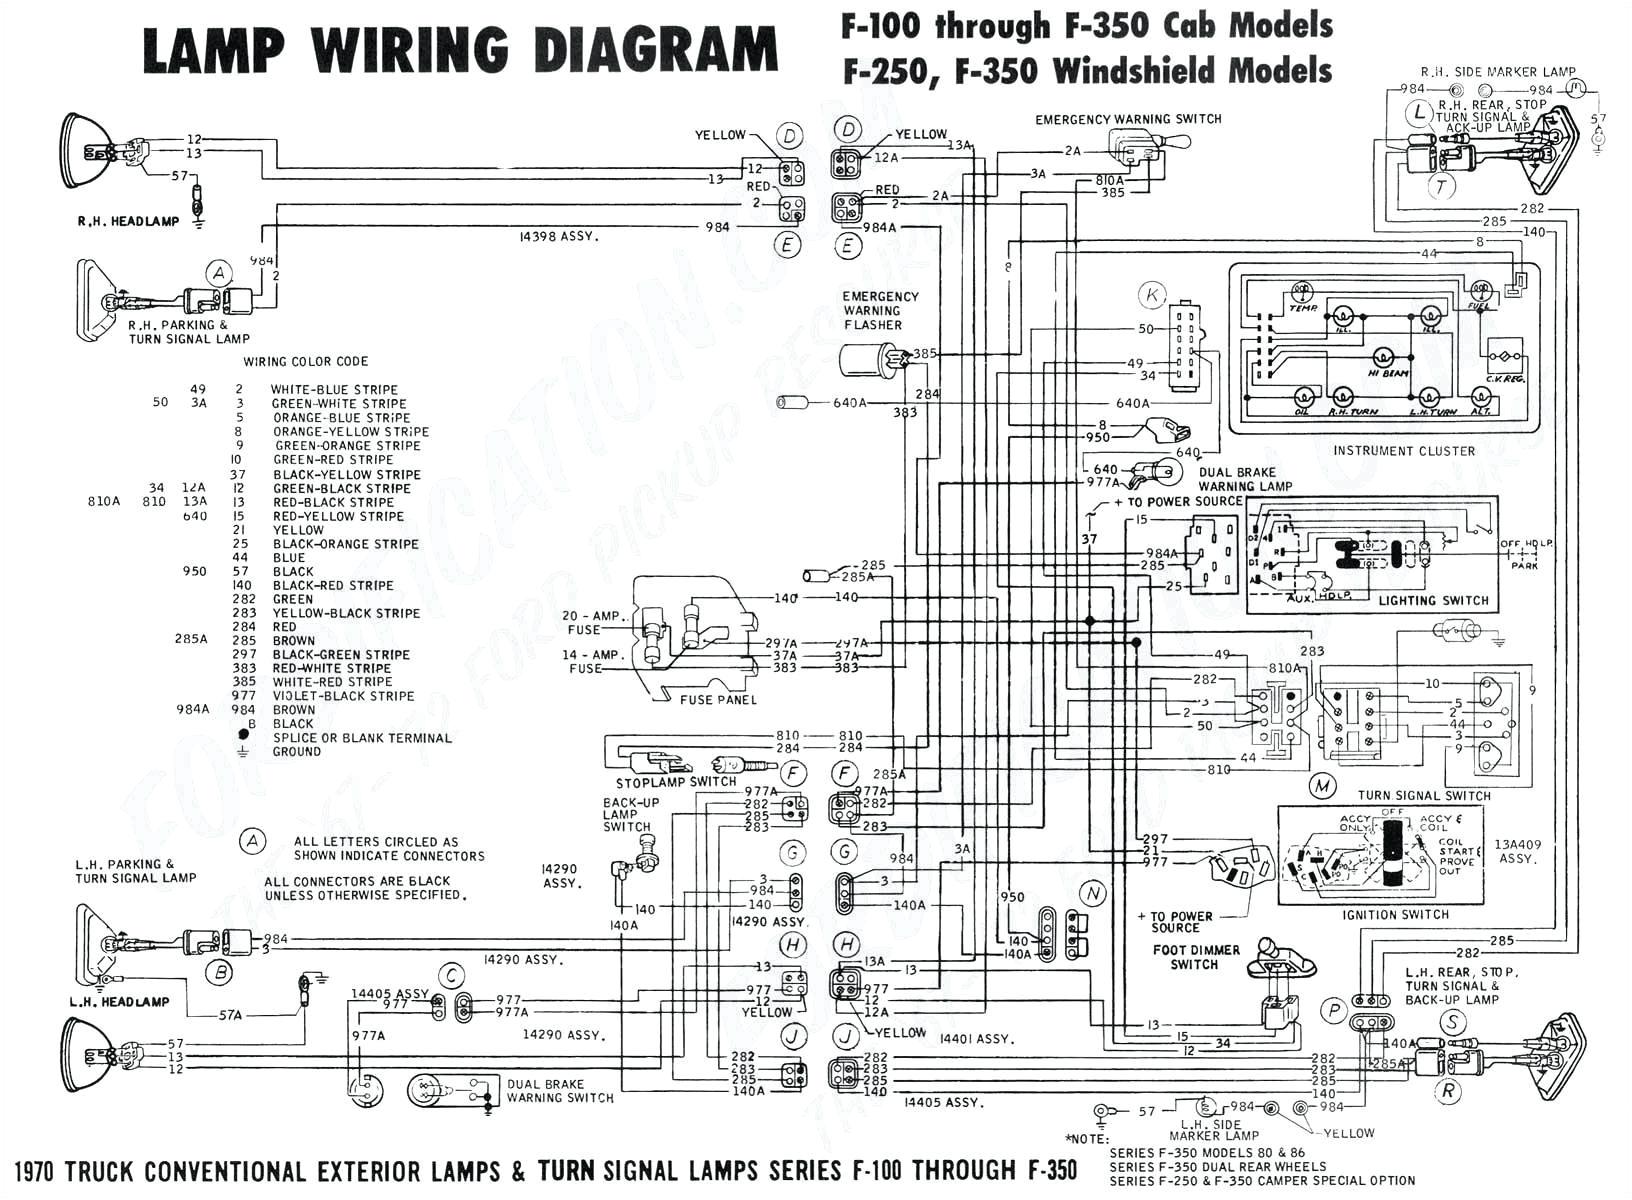 93 Civic Radio Wiring Diagram 93 Civic Wiring Diagram Wiring Diagram Rows